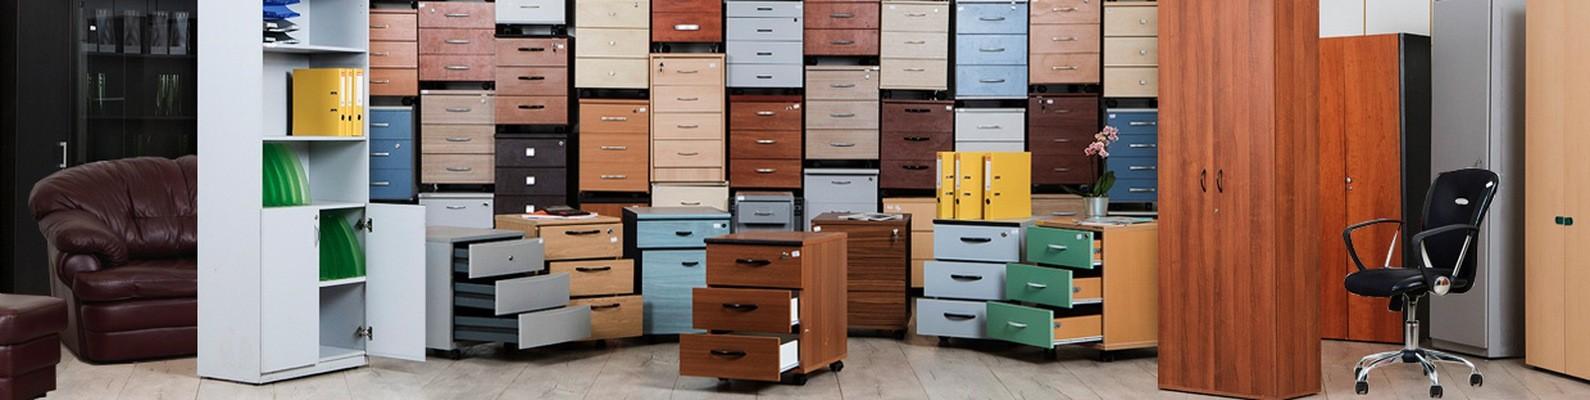 Вывоз офисной мебели в Москве